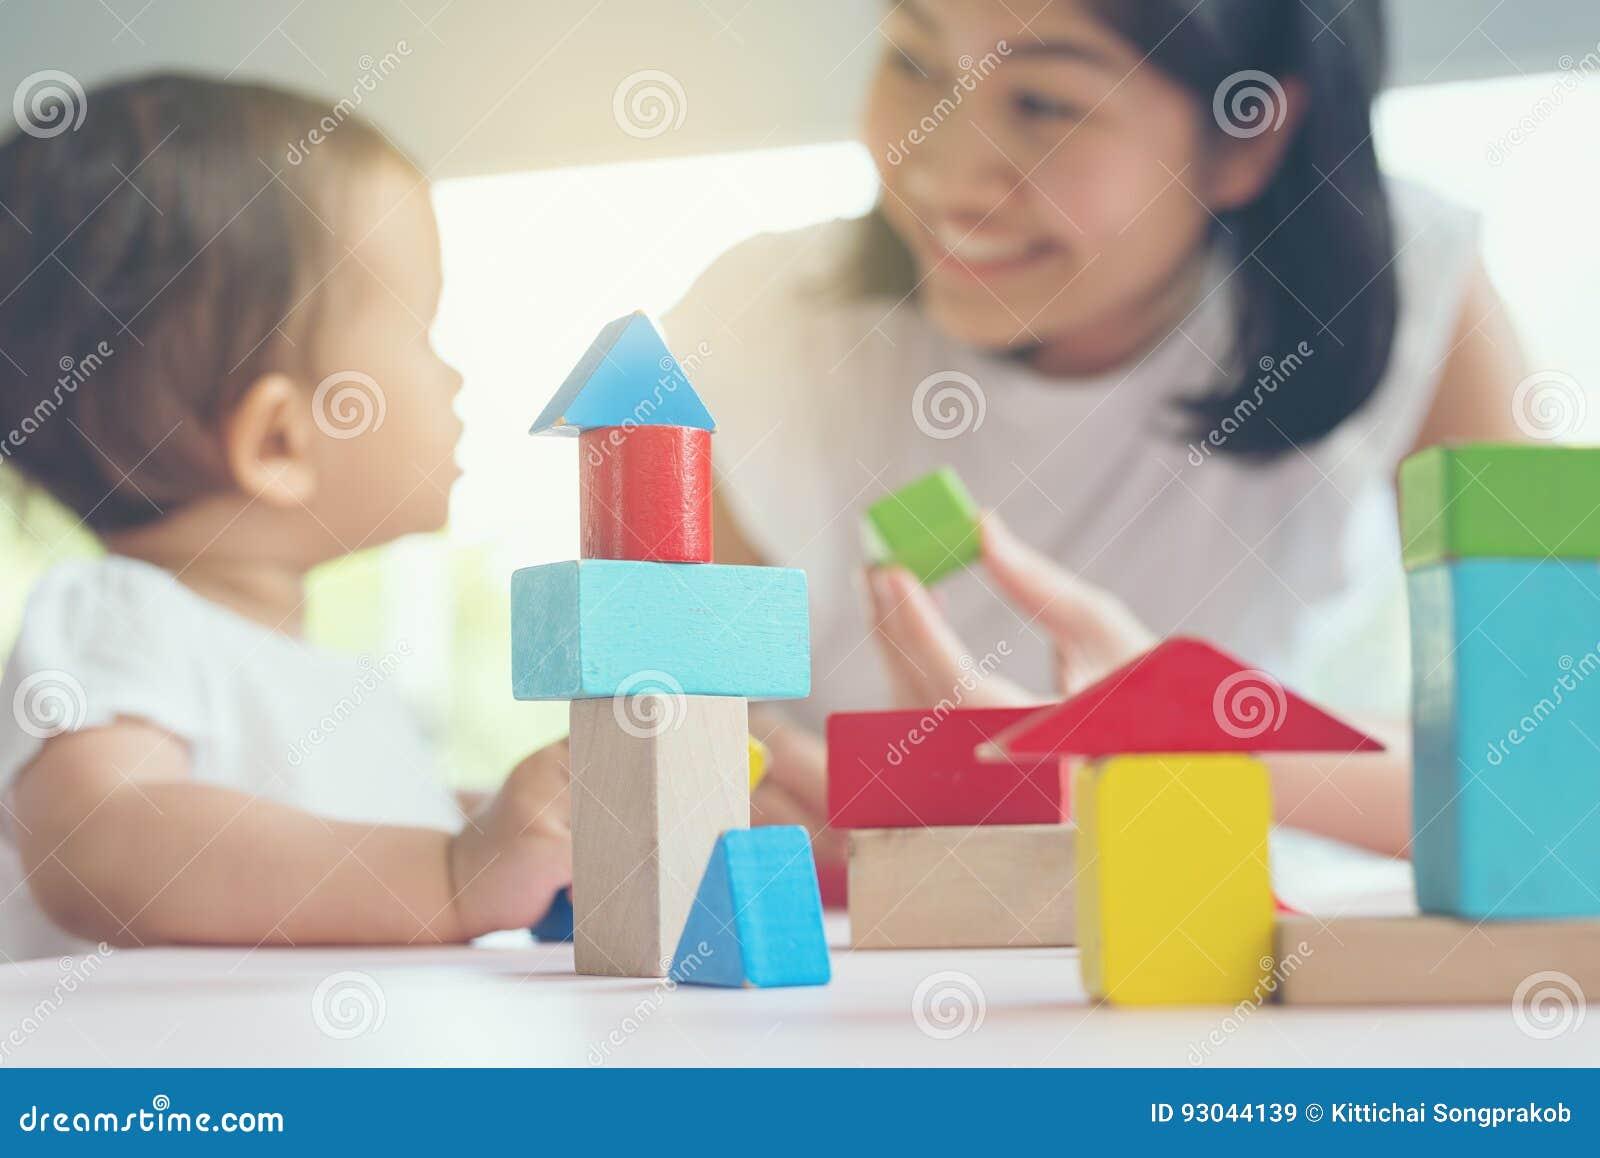 Asiatische Mutter und Mädchen scherzen das Spielen mit Blöcken Selektiver Fokus und